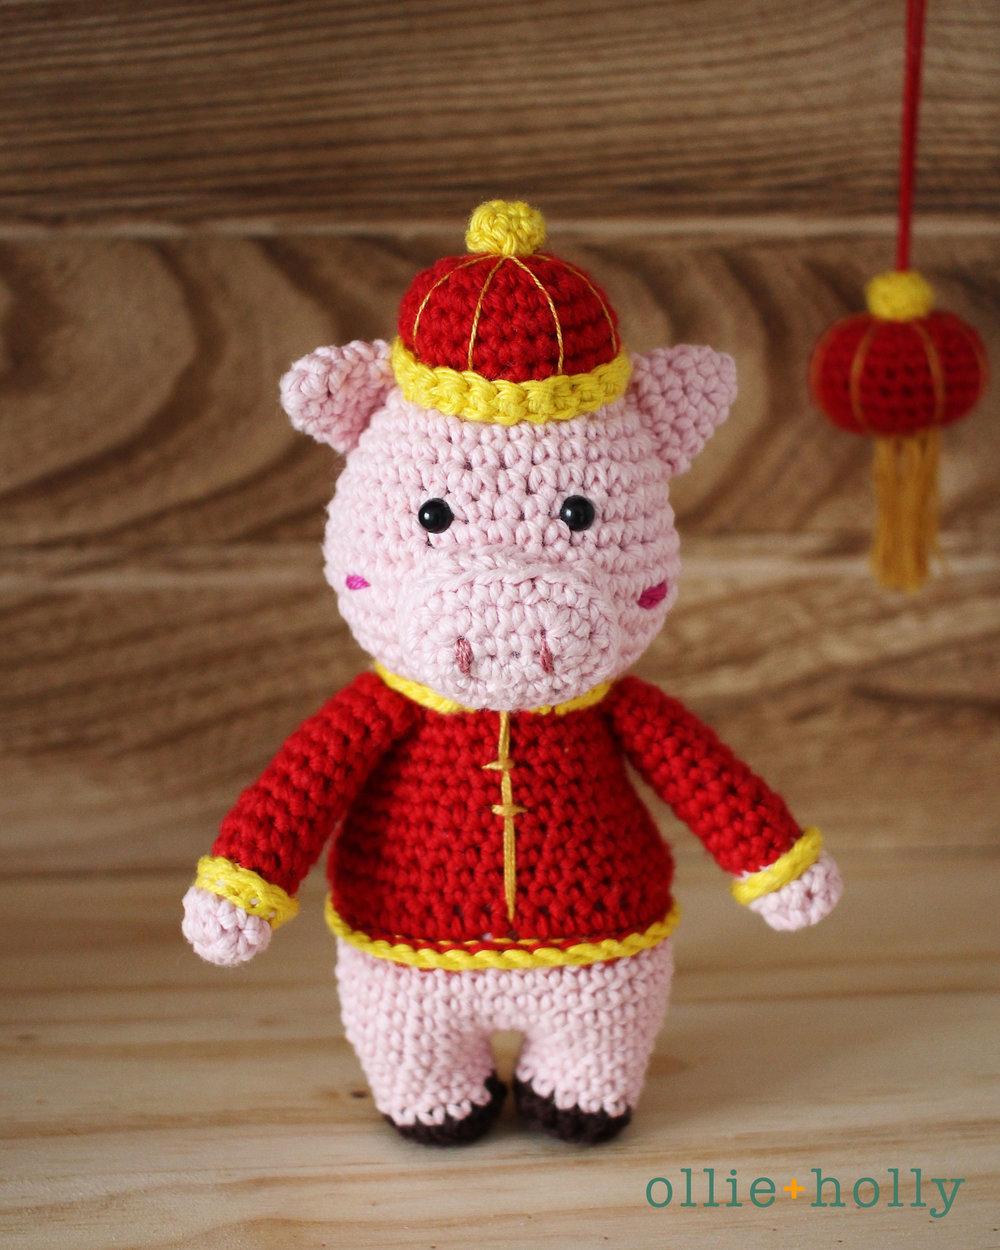 Chinese New Year Pig Amigurumi Crochet Blog Post